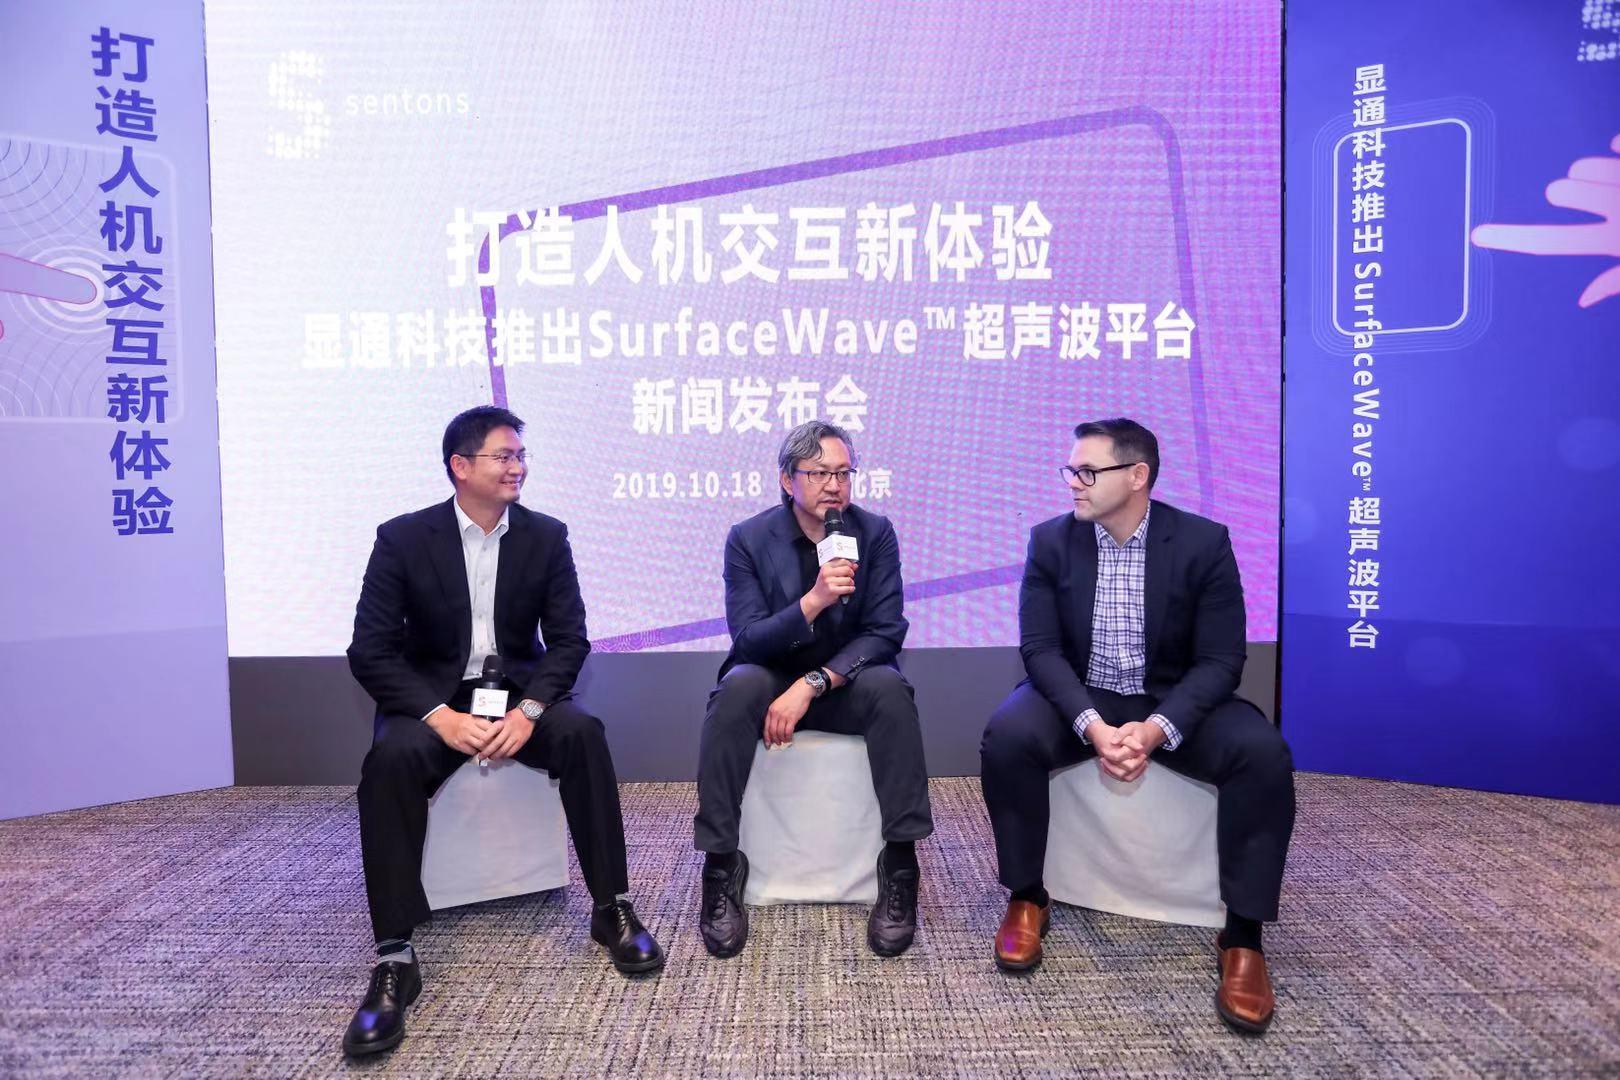 <b>显通科技发布SurfaceWave超声波平台 让任何表面和材质实现互动</b>